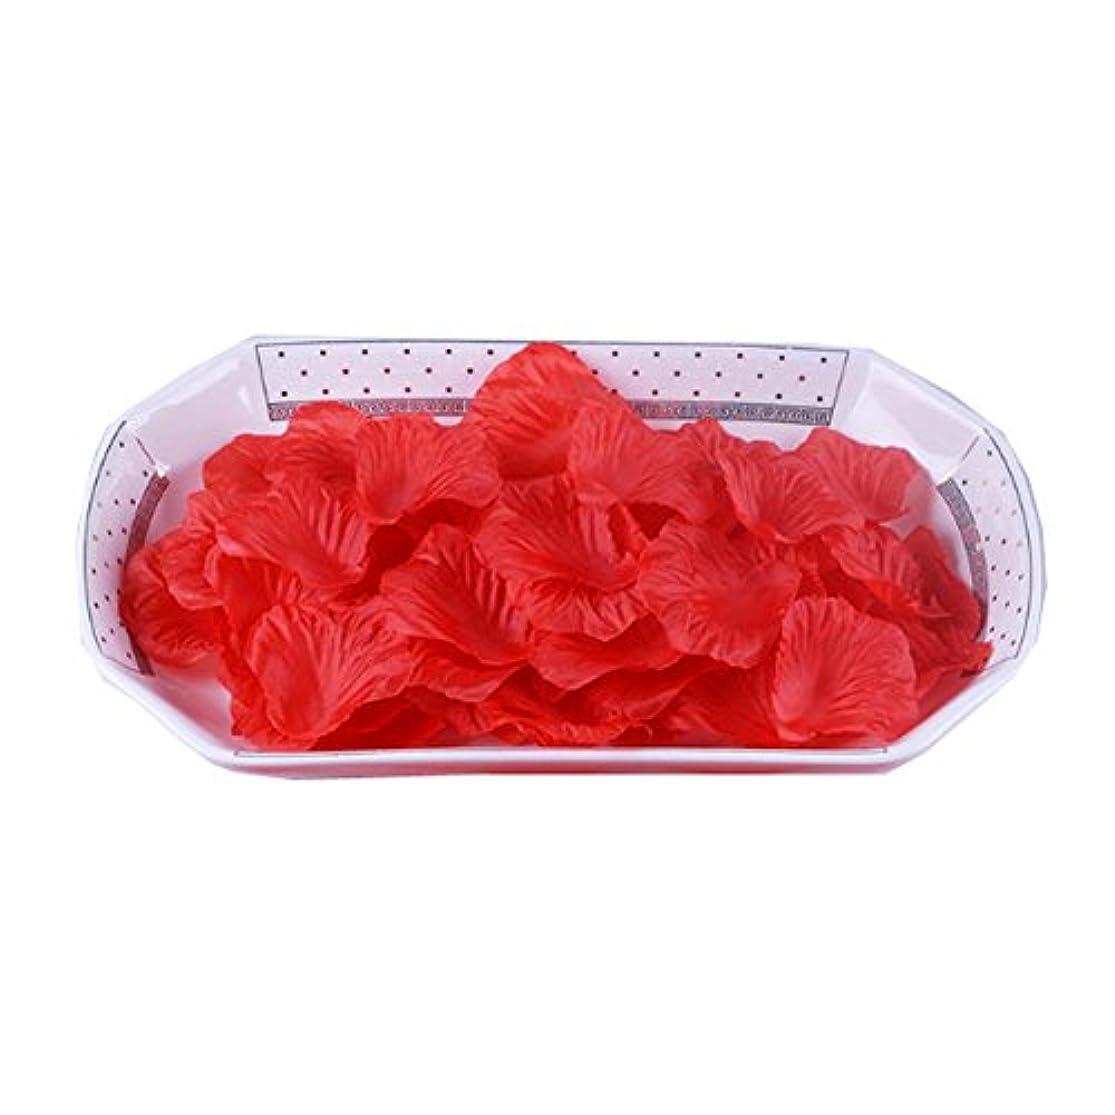 十分ですヤギ絞る結婚式の装飾のための人工のバラの花びらの偽の花びら3000 PC